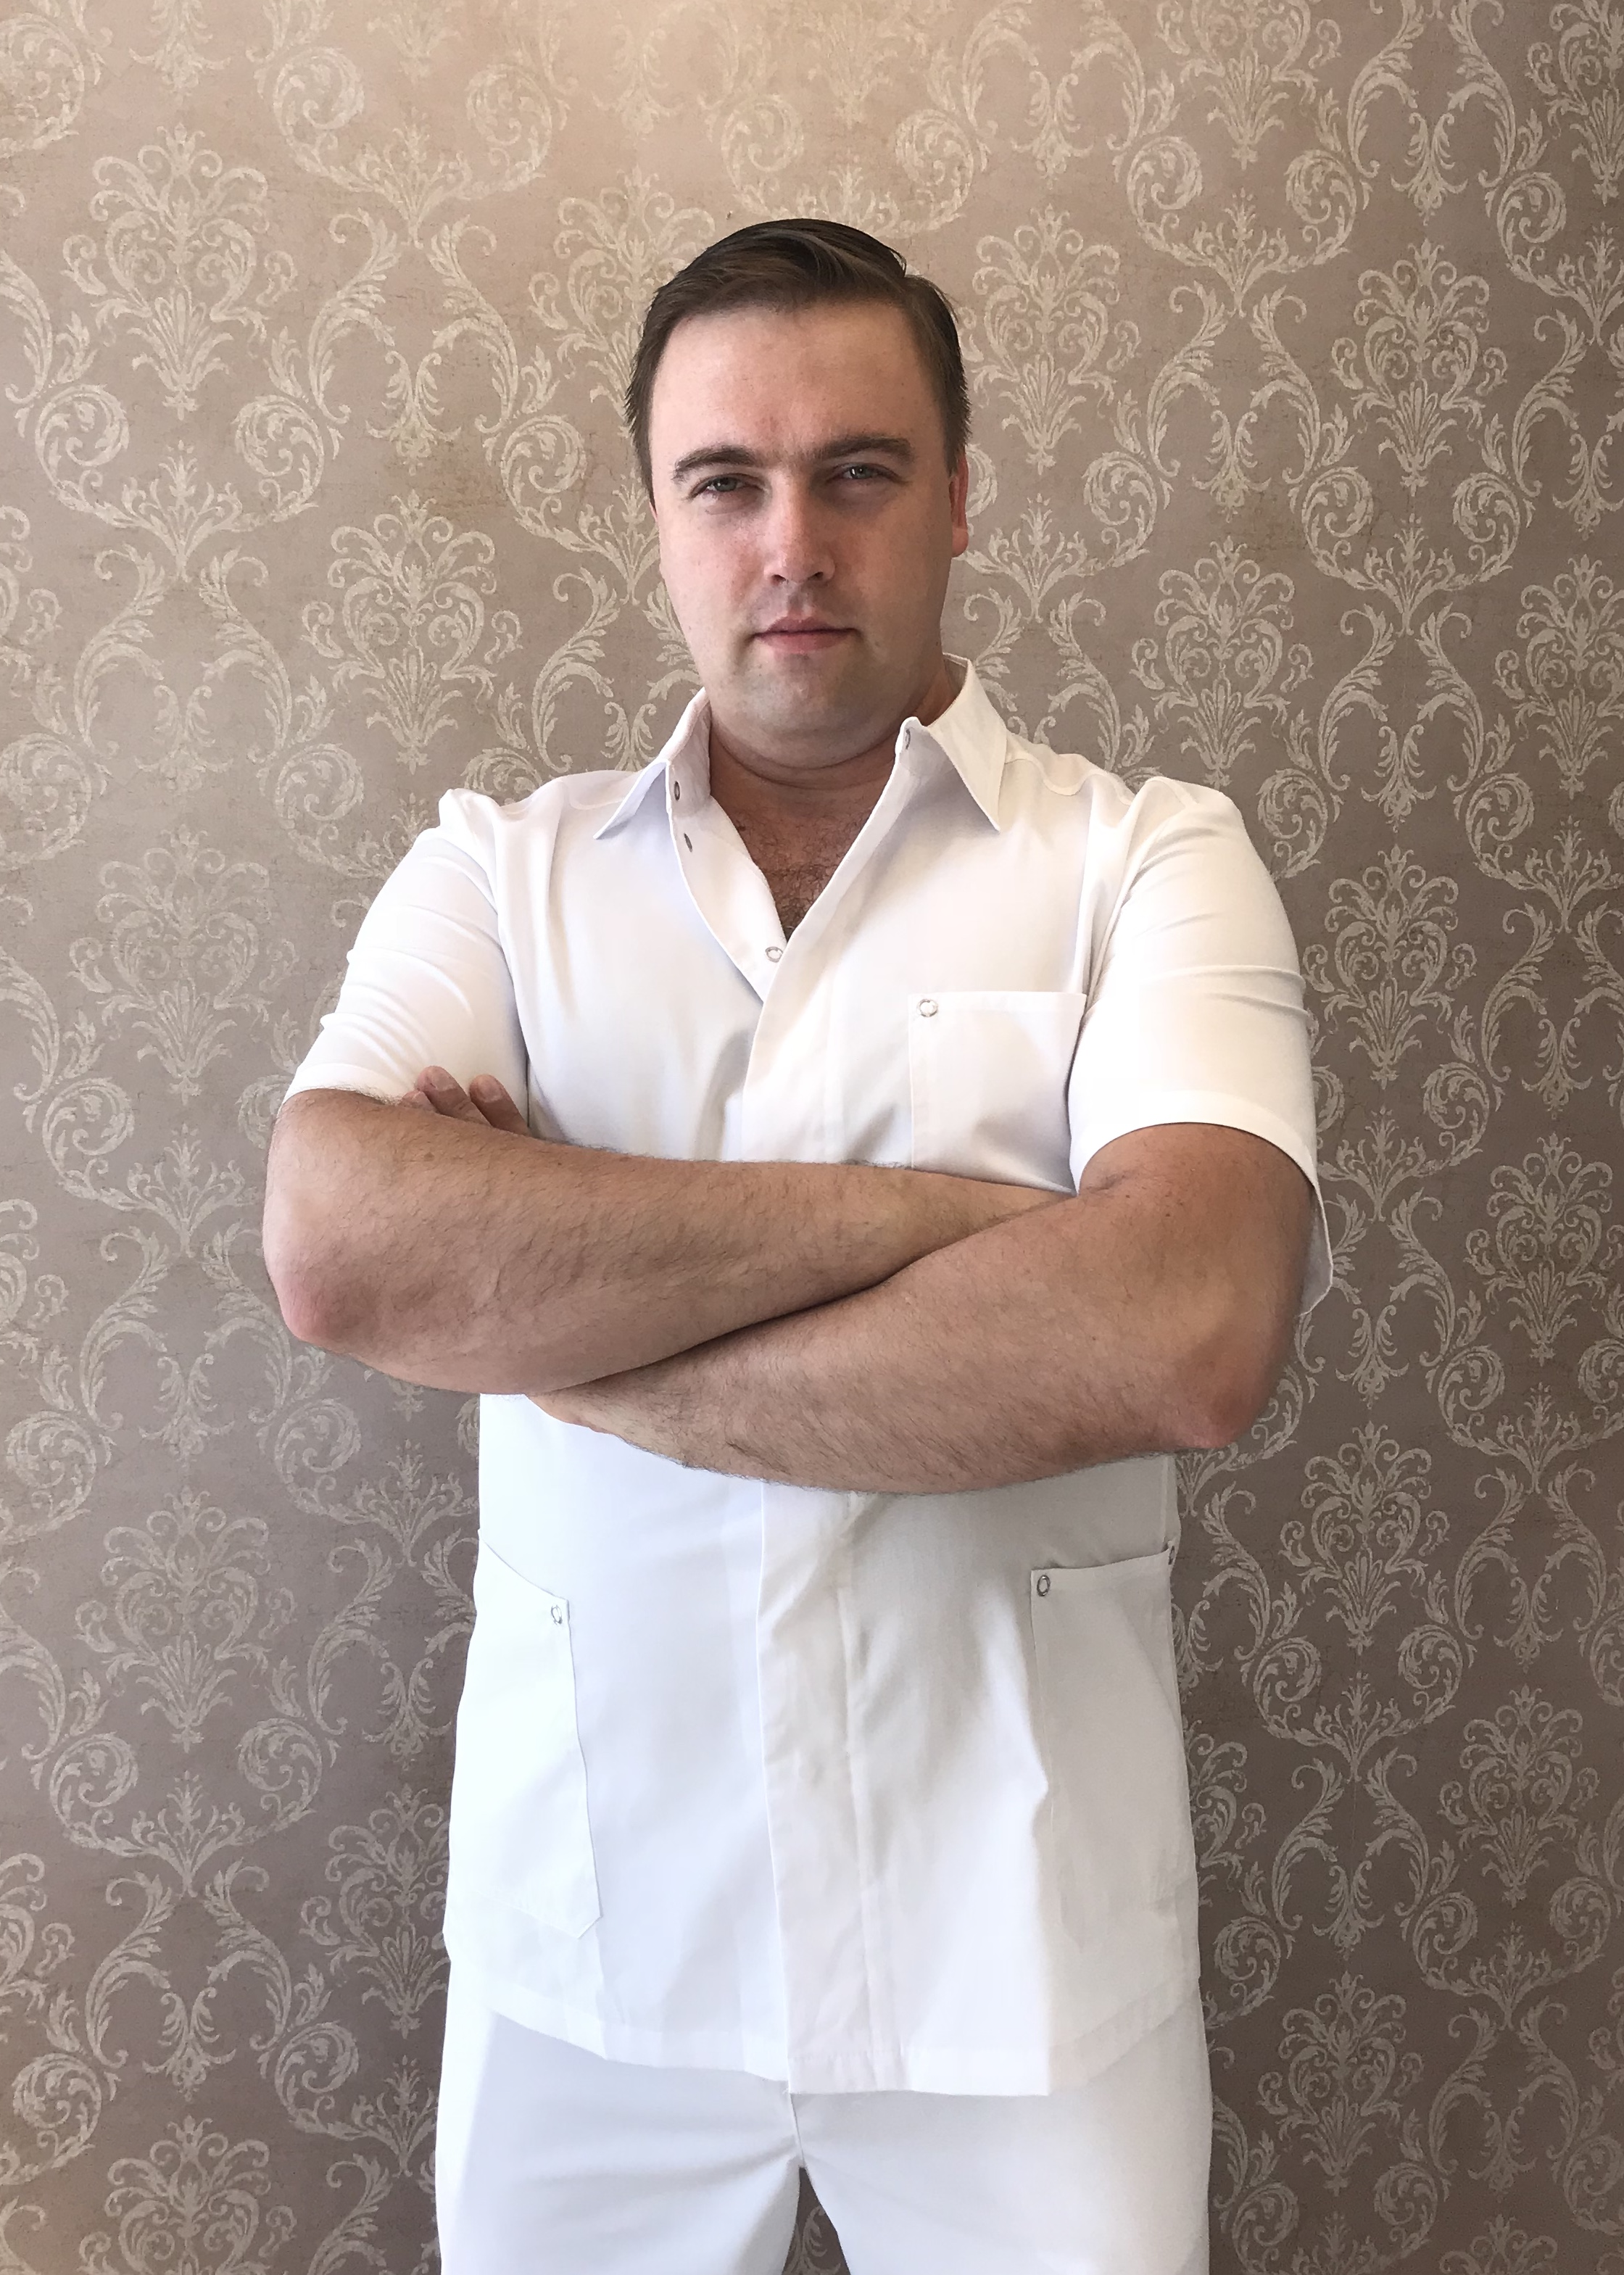 Коробков Илья Владимирович